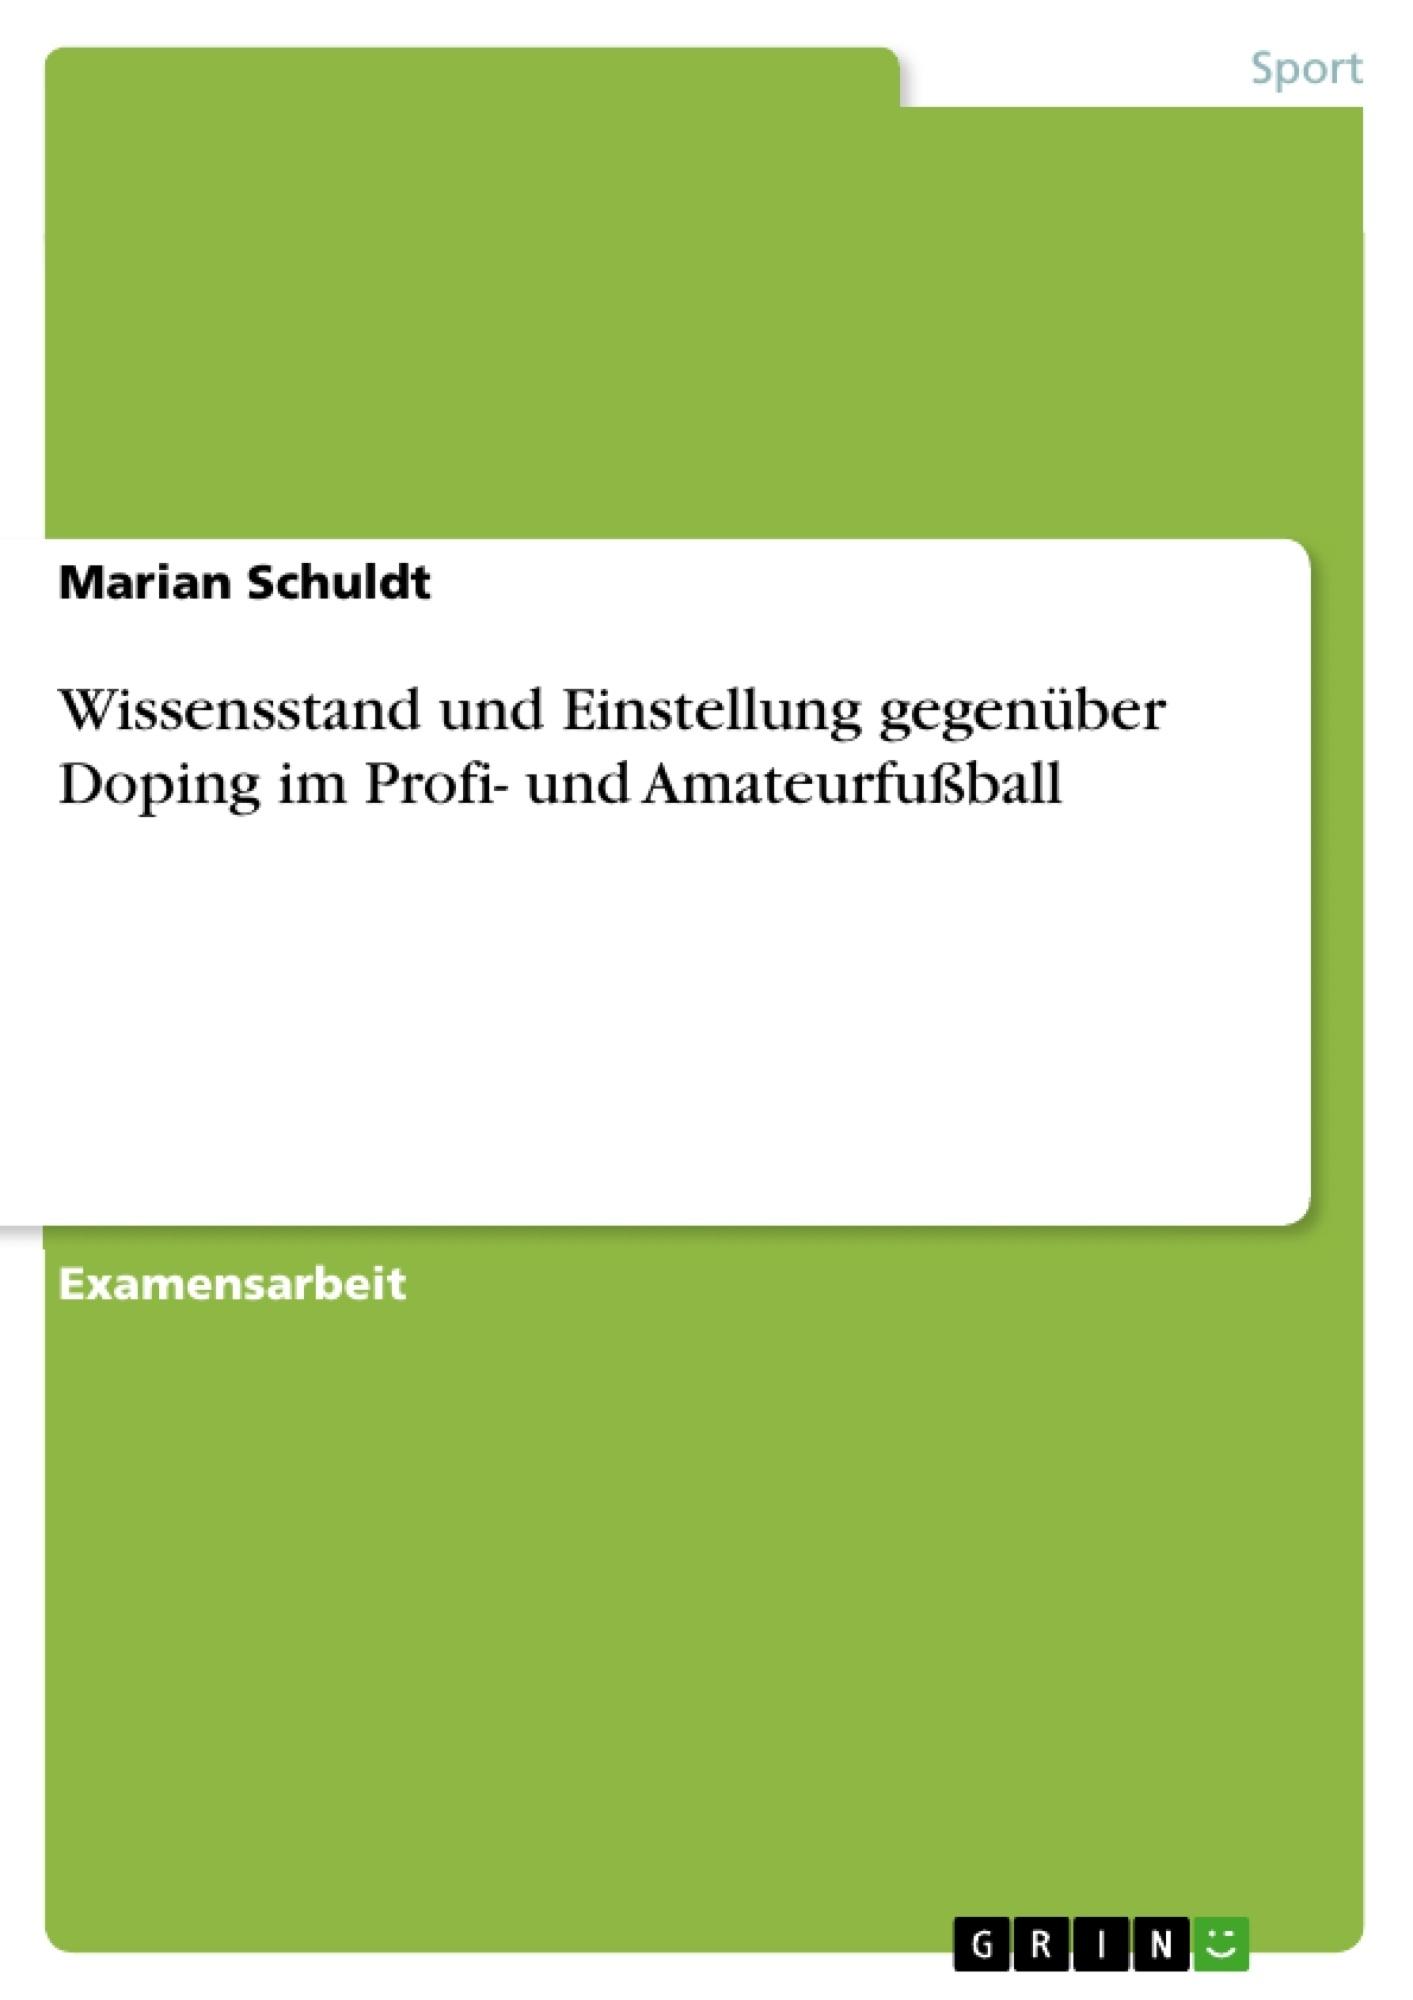 Titel: Wissensstand und Einstellung gegenüber Doping im Profi- und Amateurfußball